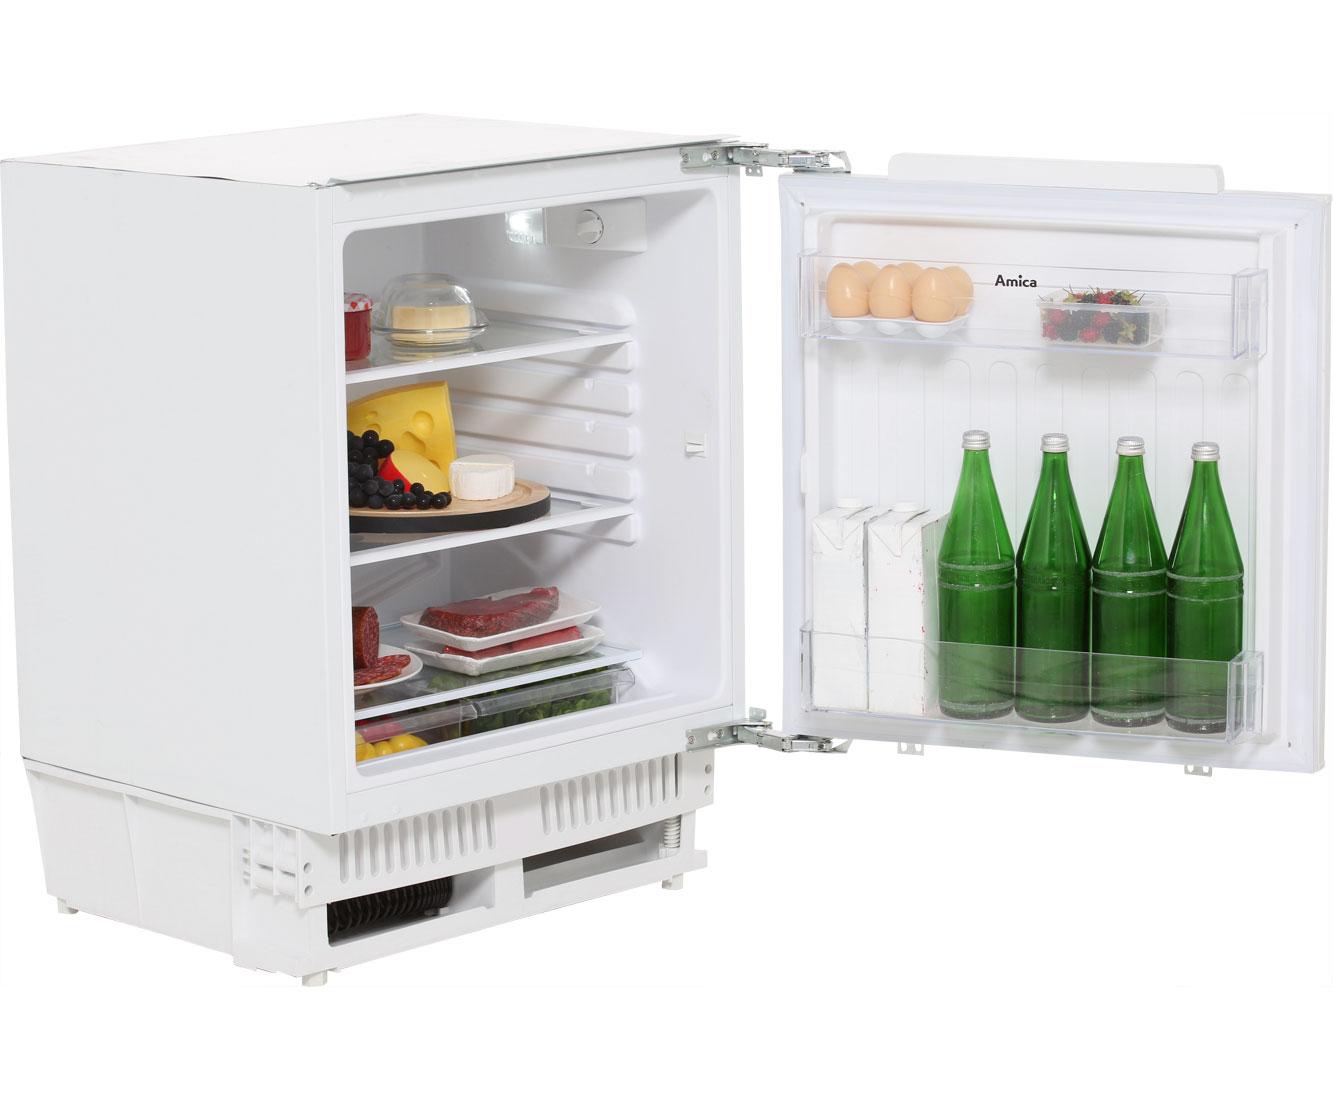 Kleiner Kühlschrank Mit Gefrierfach Saturn : Rabatt preisvergleich.de haushalt u003e kühlschränke